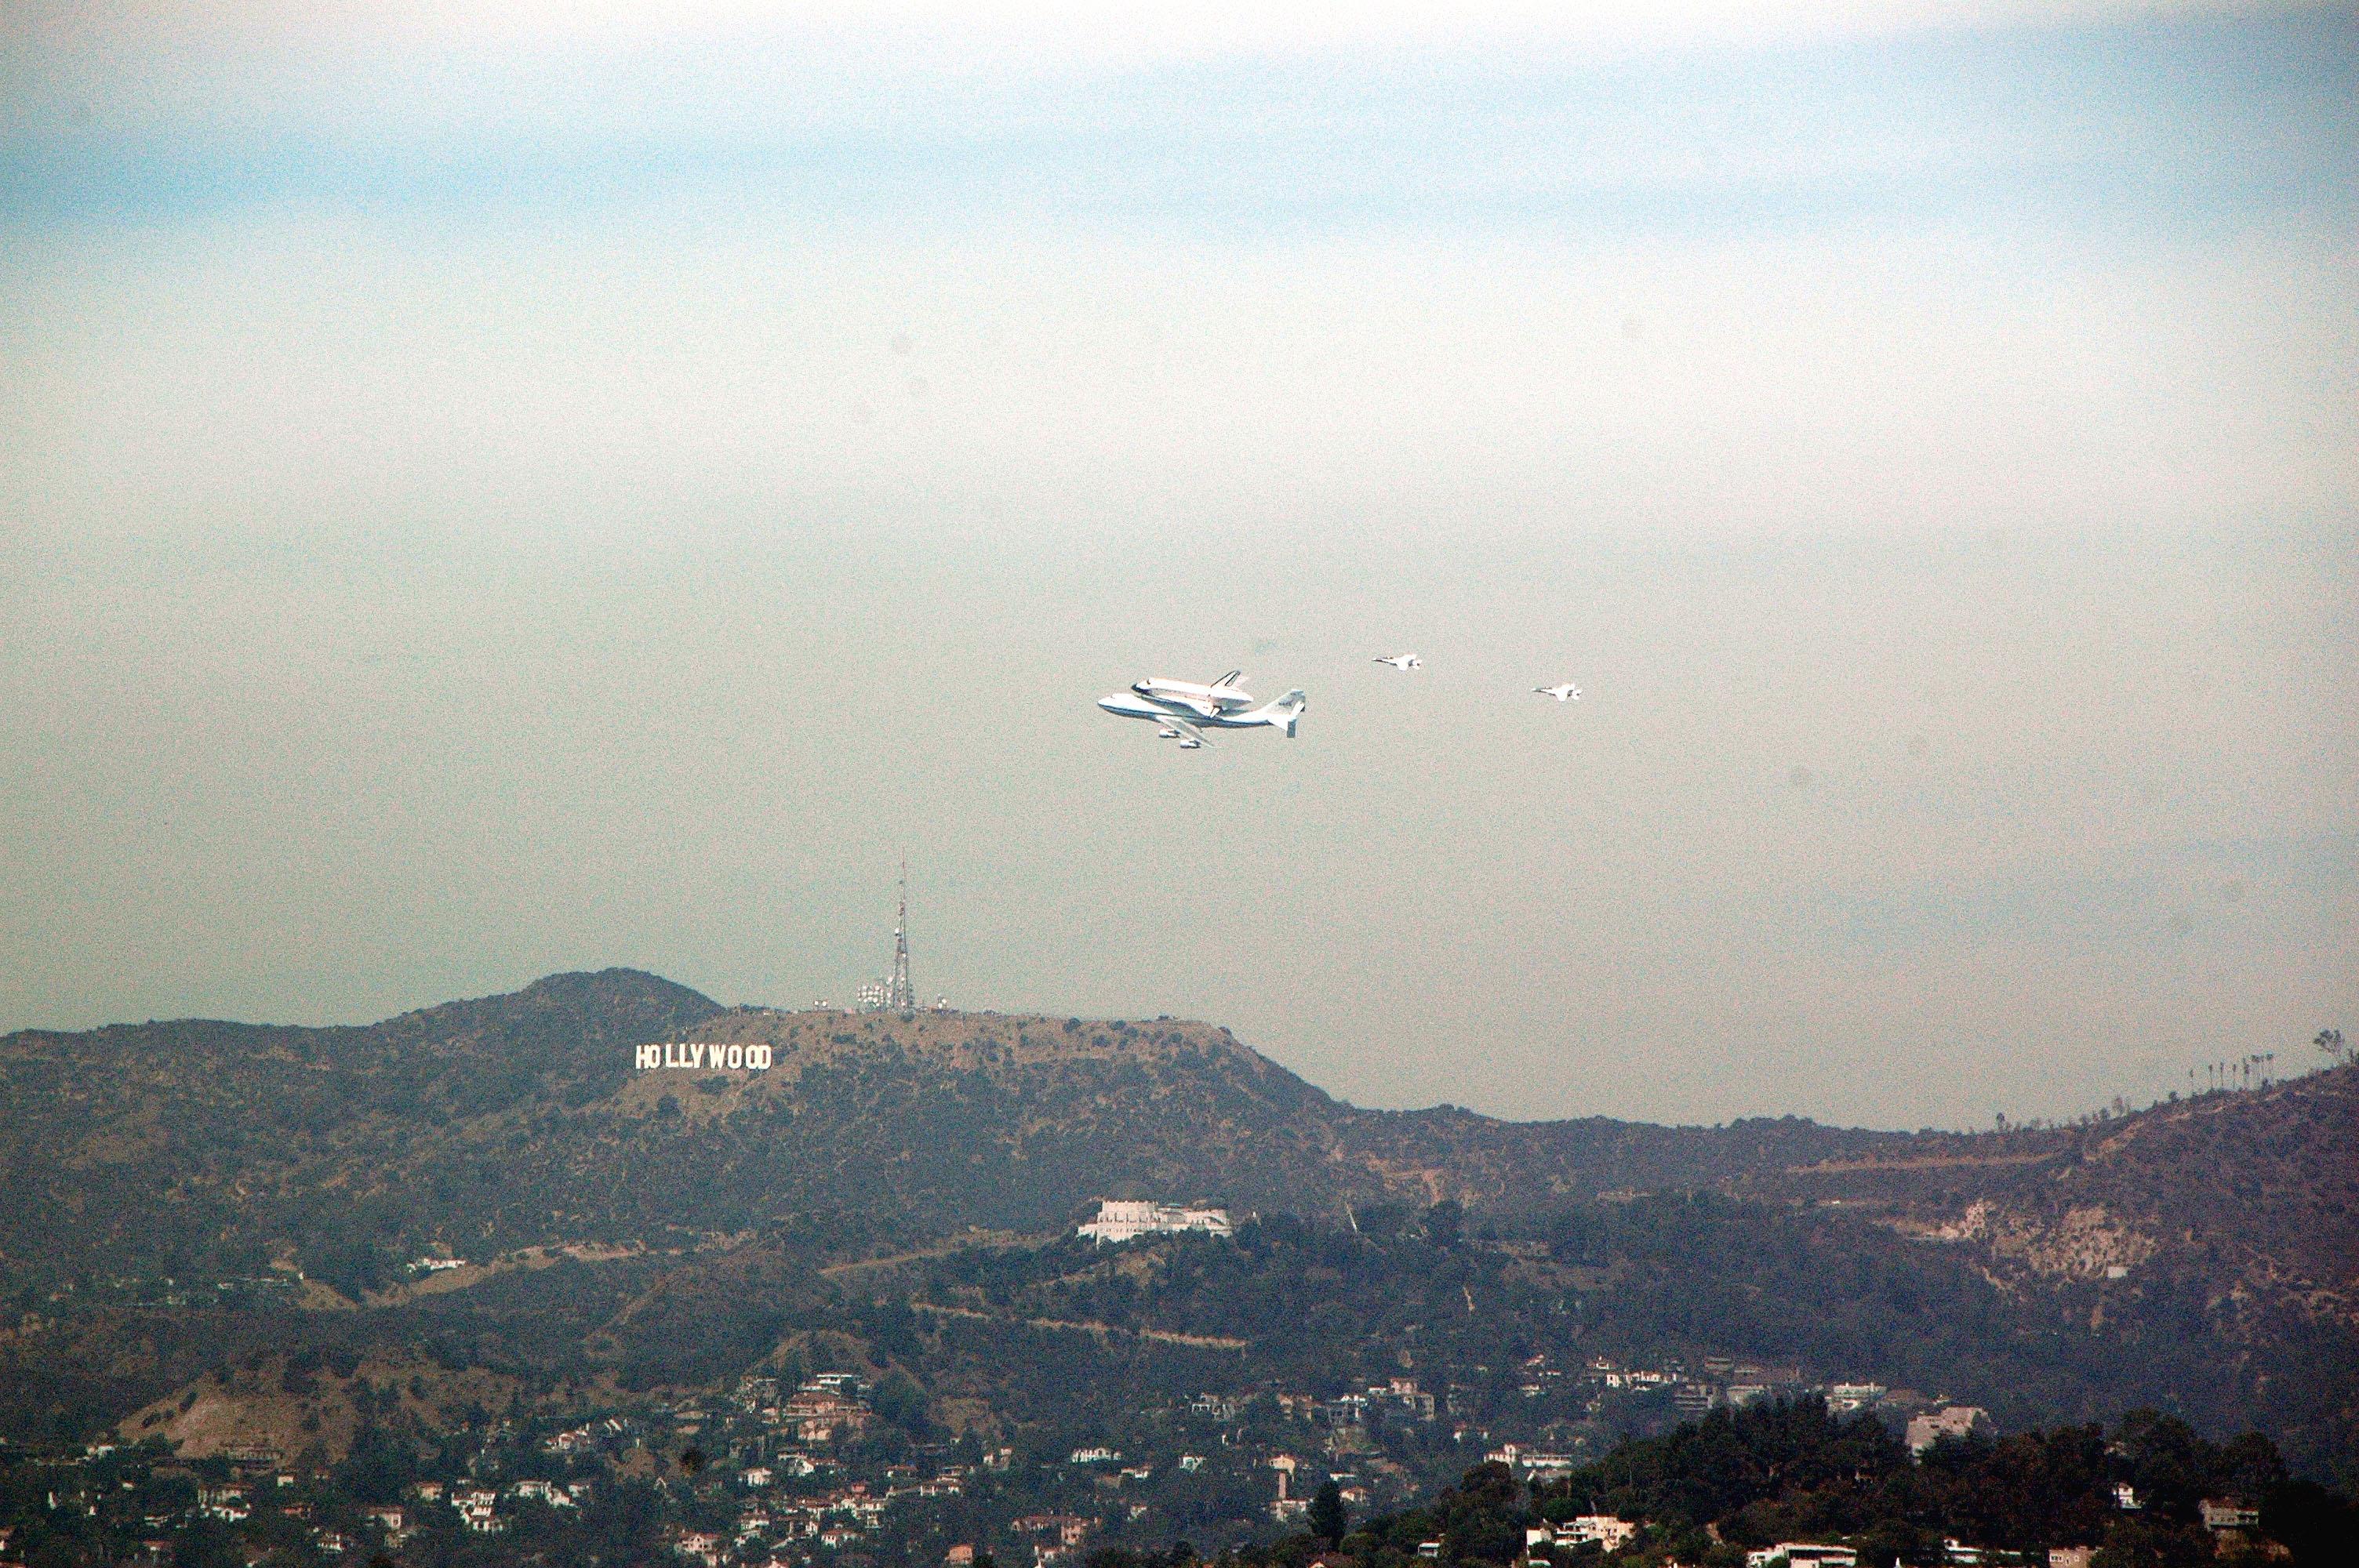 Sobre volando con el cartel de HOLLYWOOD.